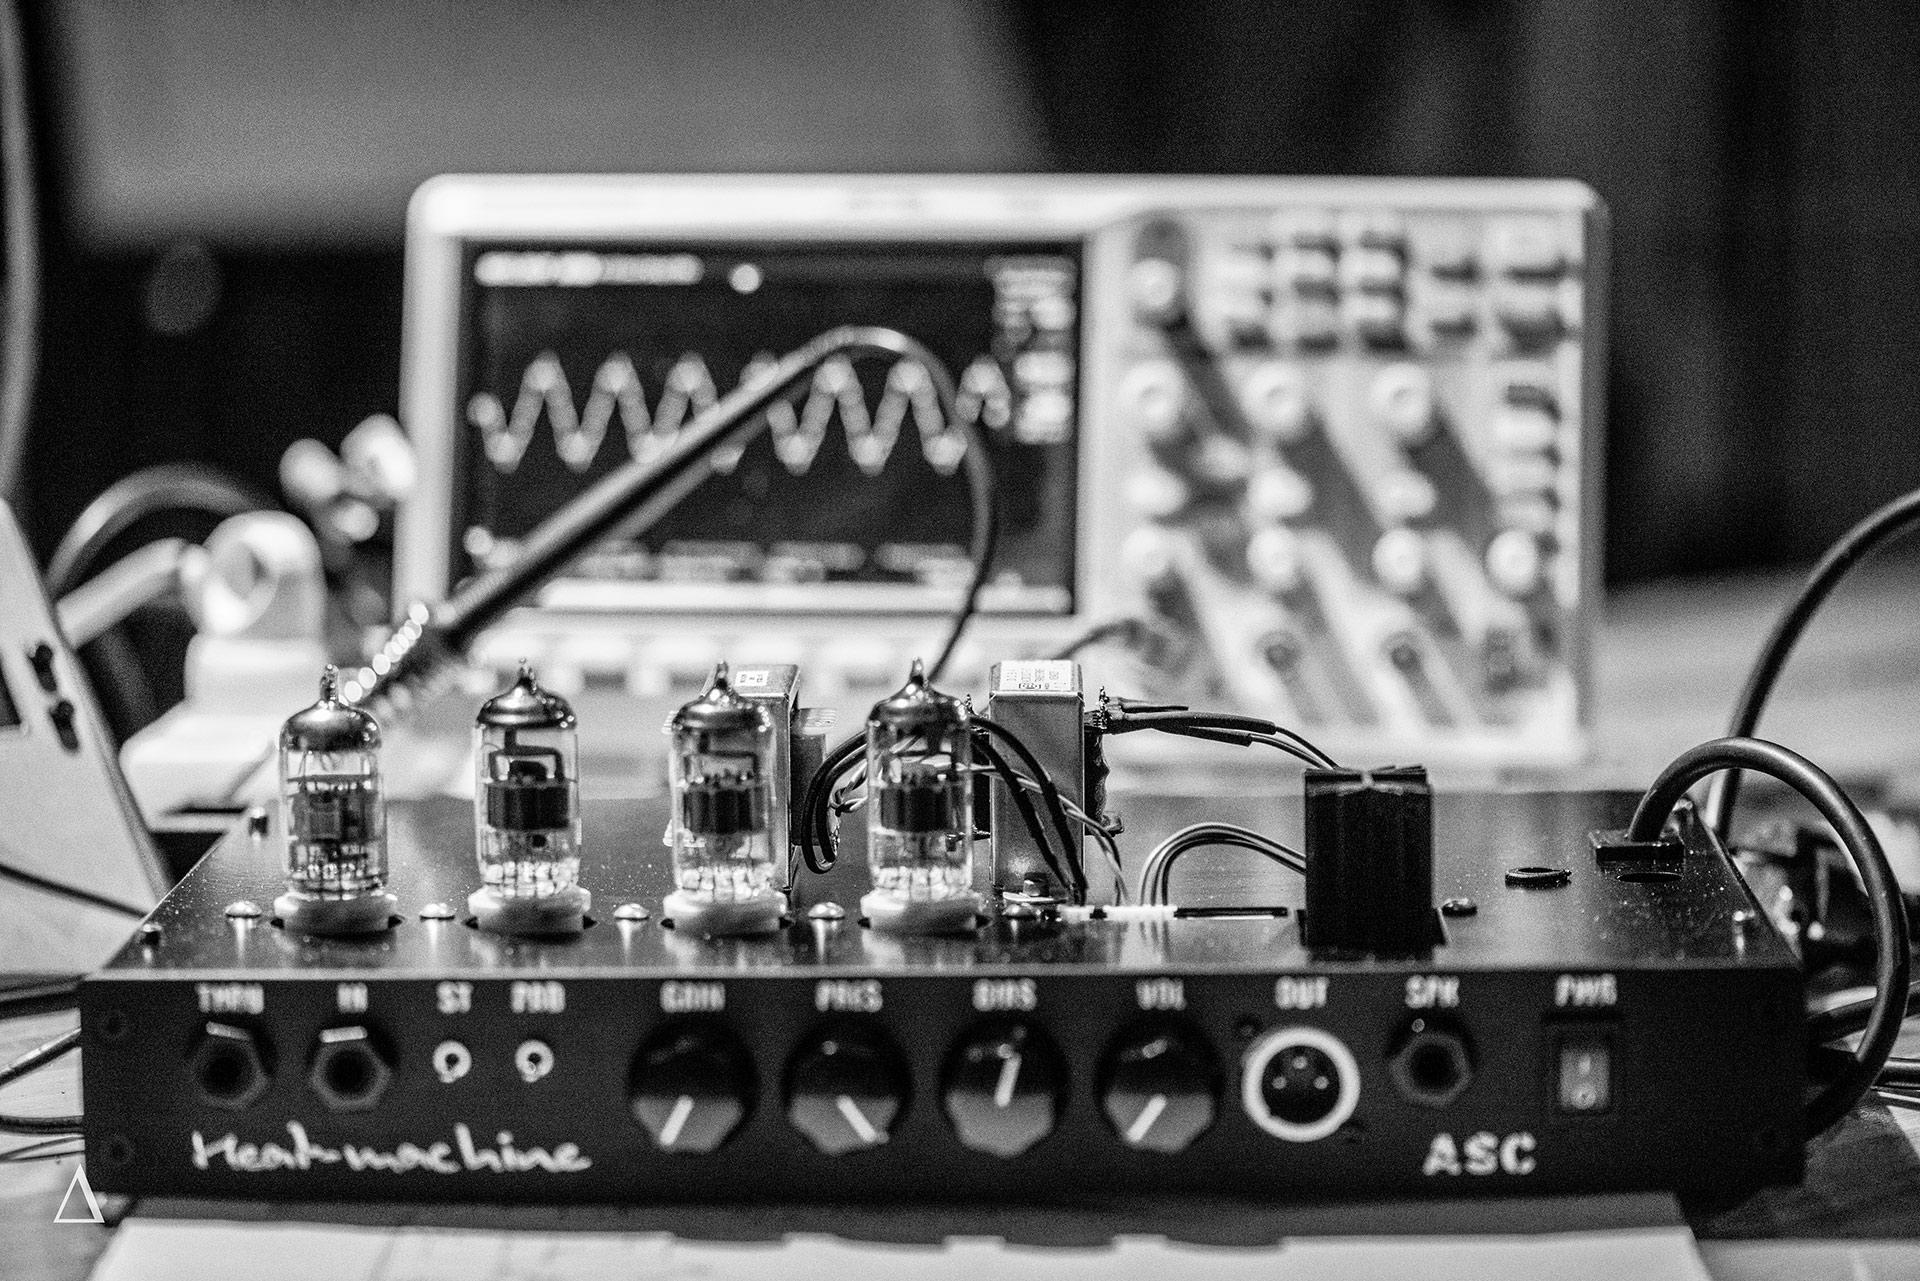 https://www.audiosculture.fr/wp-content/uploads/2020/11/AUDIOSCULTURE_ELECTRONIQUE_AUDIO_MPEA_2020_4.jpg